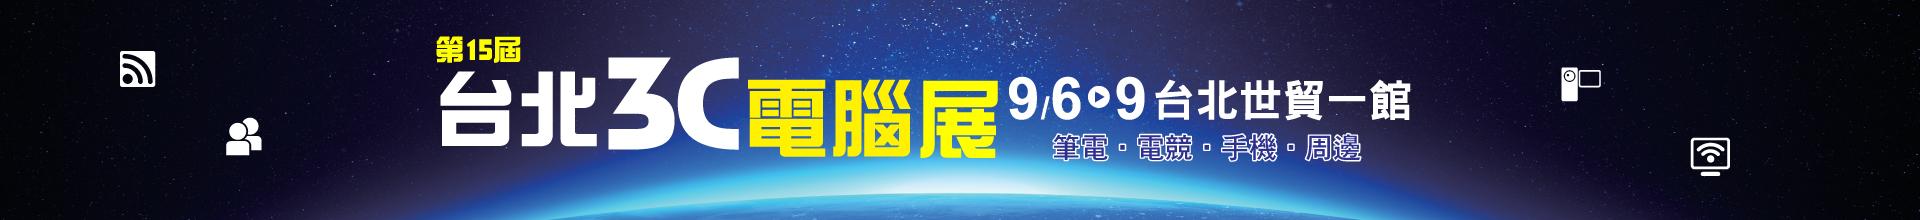 第15屆 台北3C電腦展